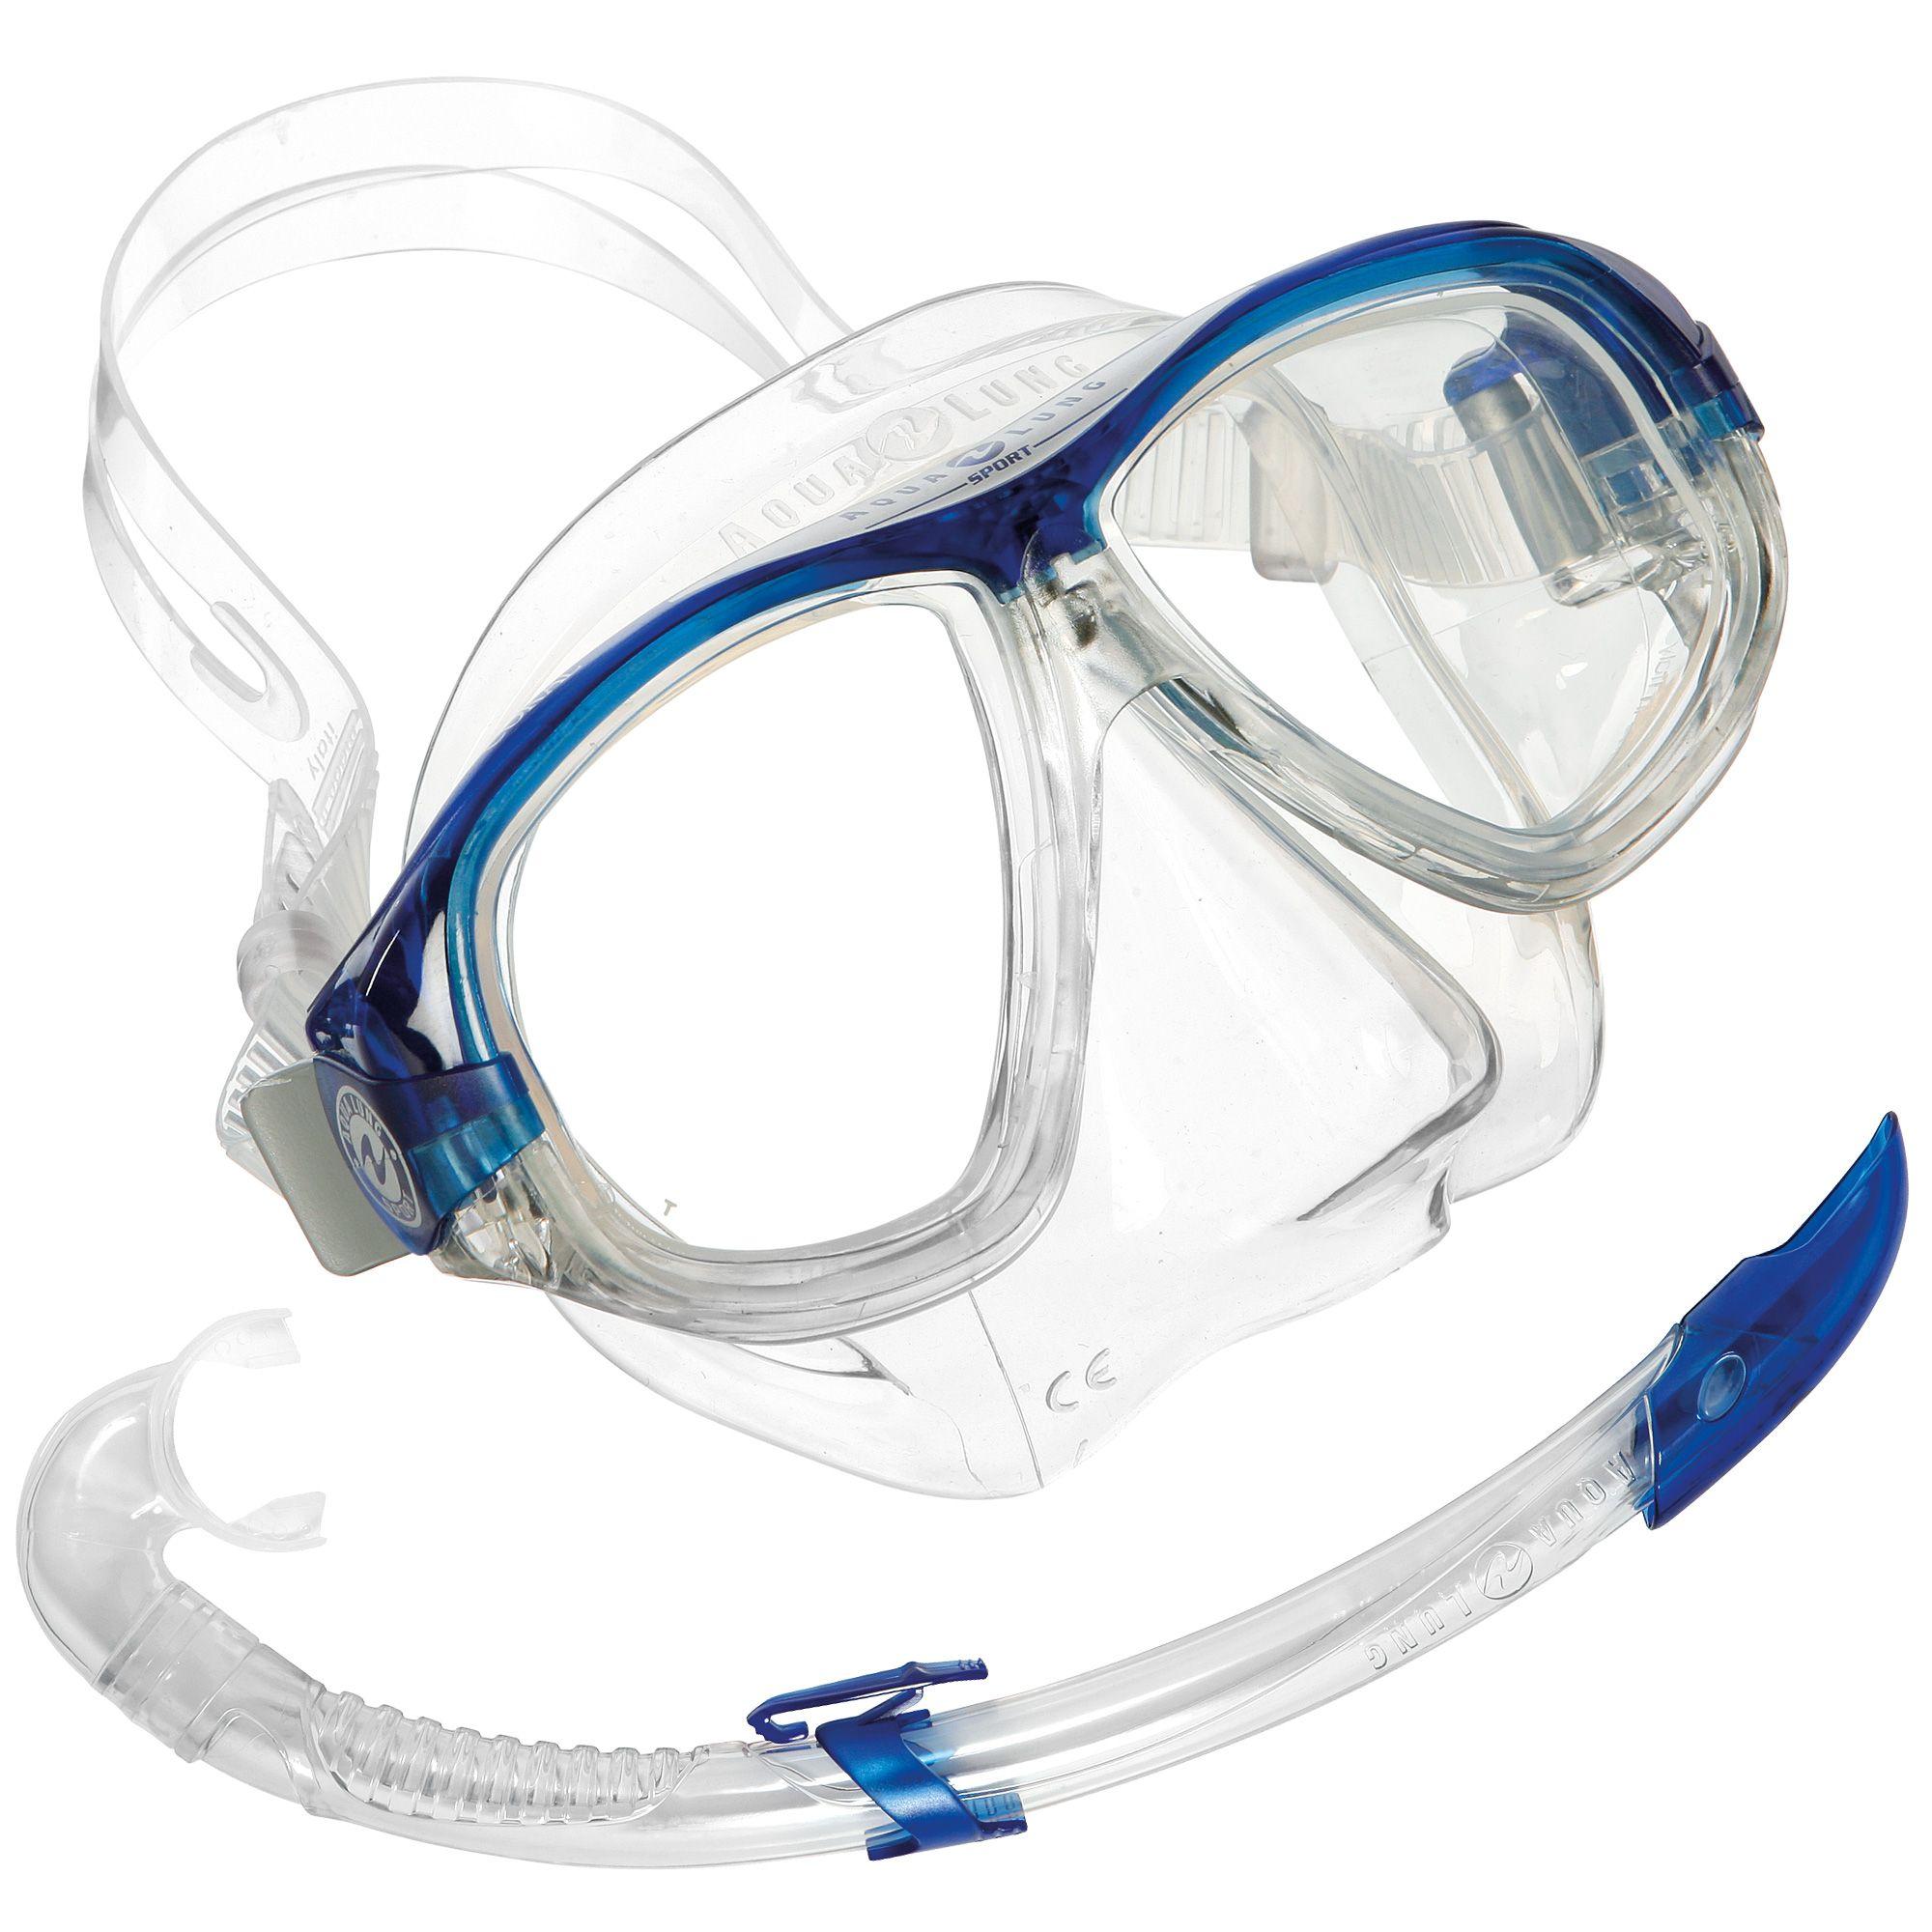 Sorry, that aqua lung snorkel set